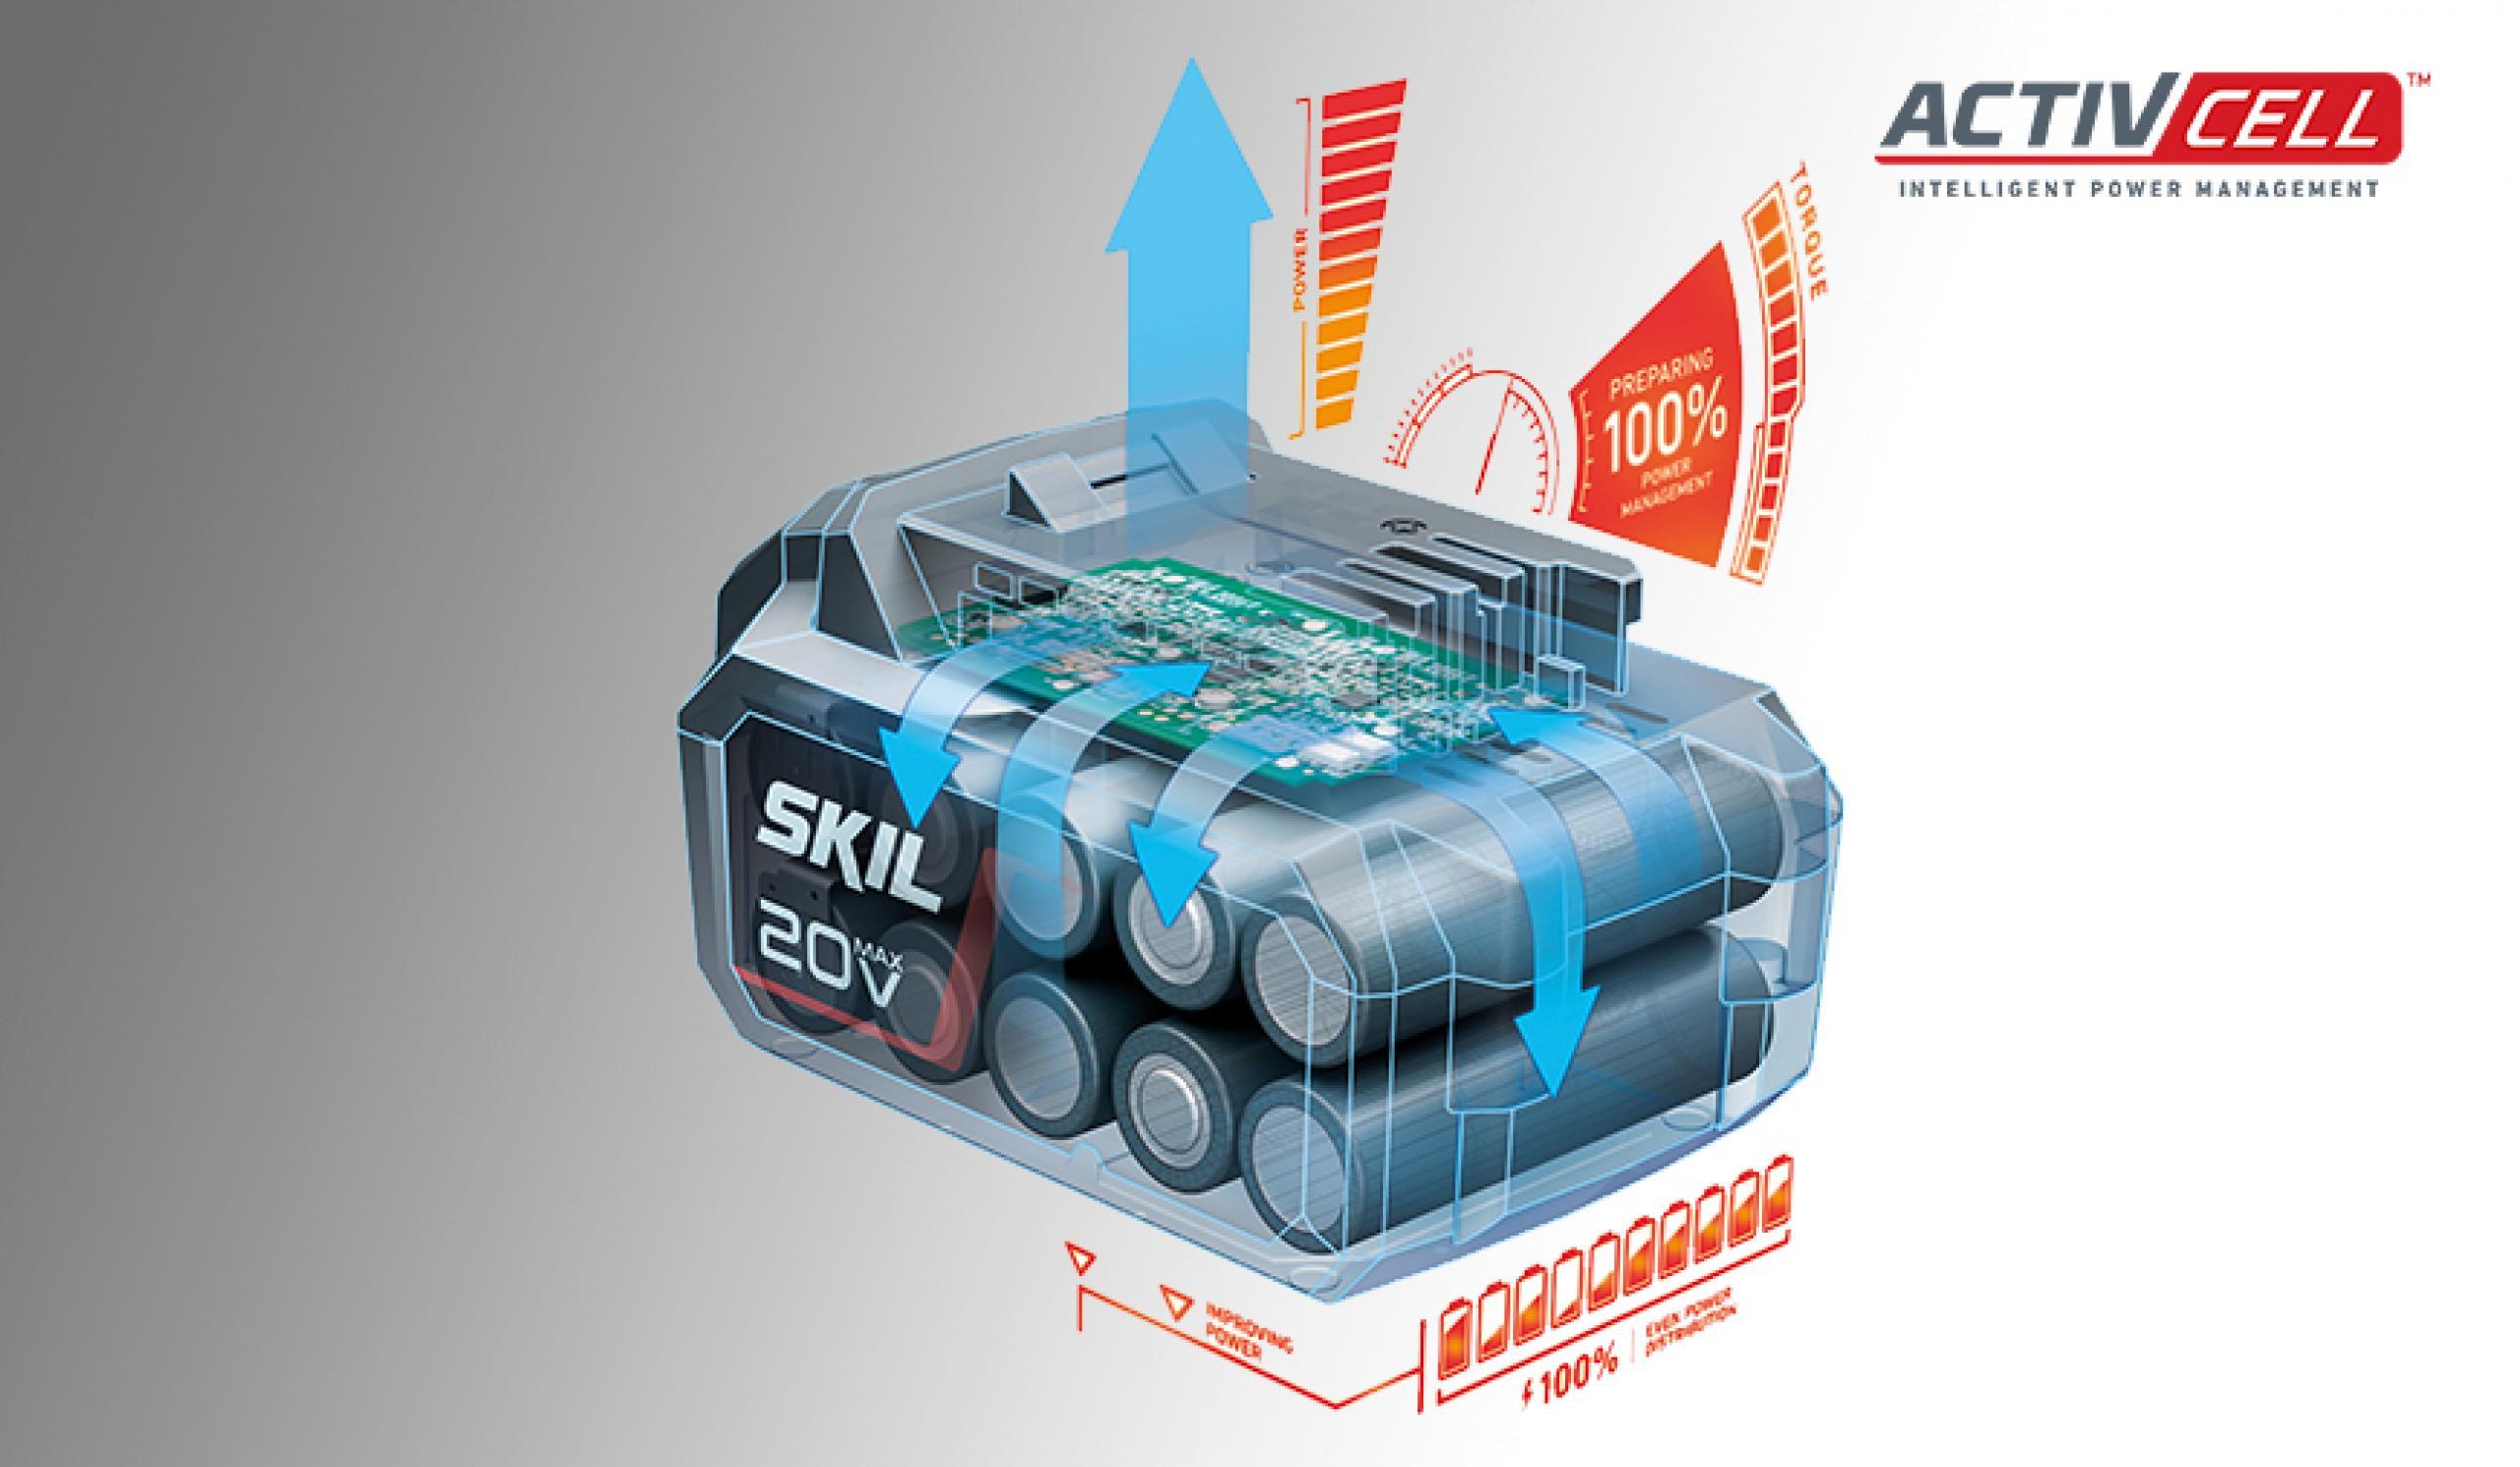 ActivCell™: Intelligent energiebeheer